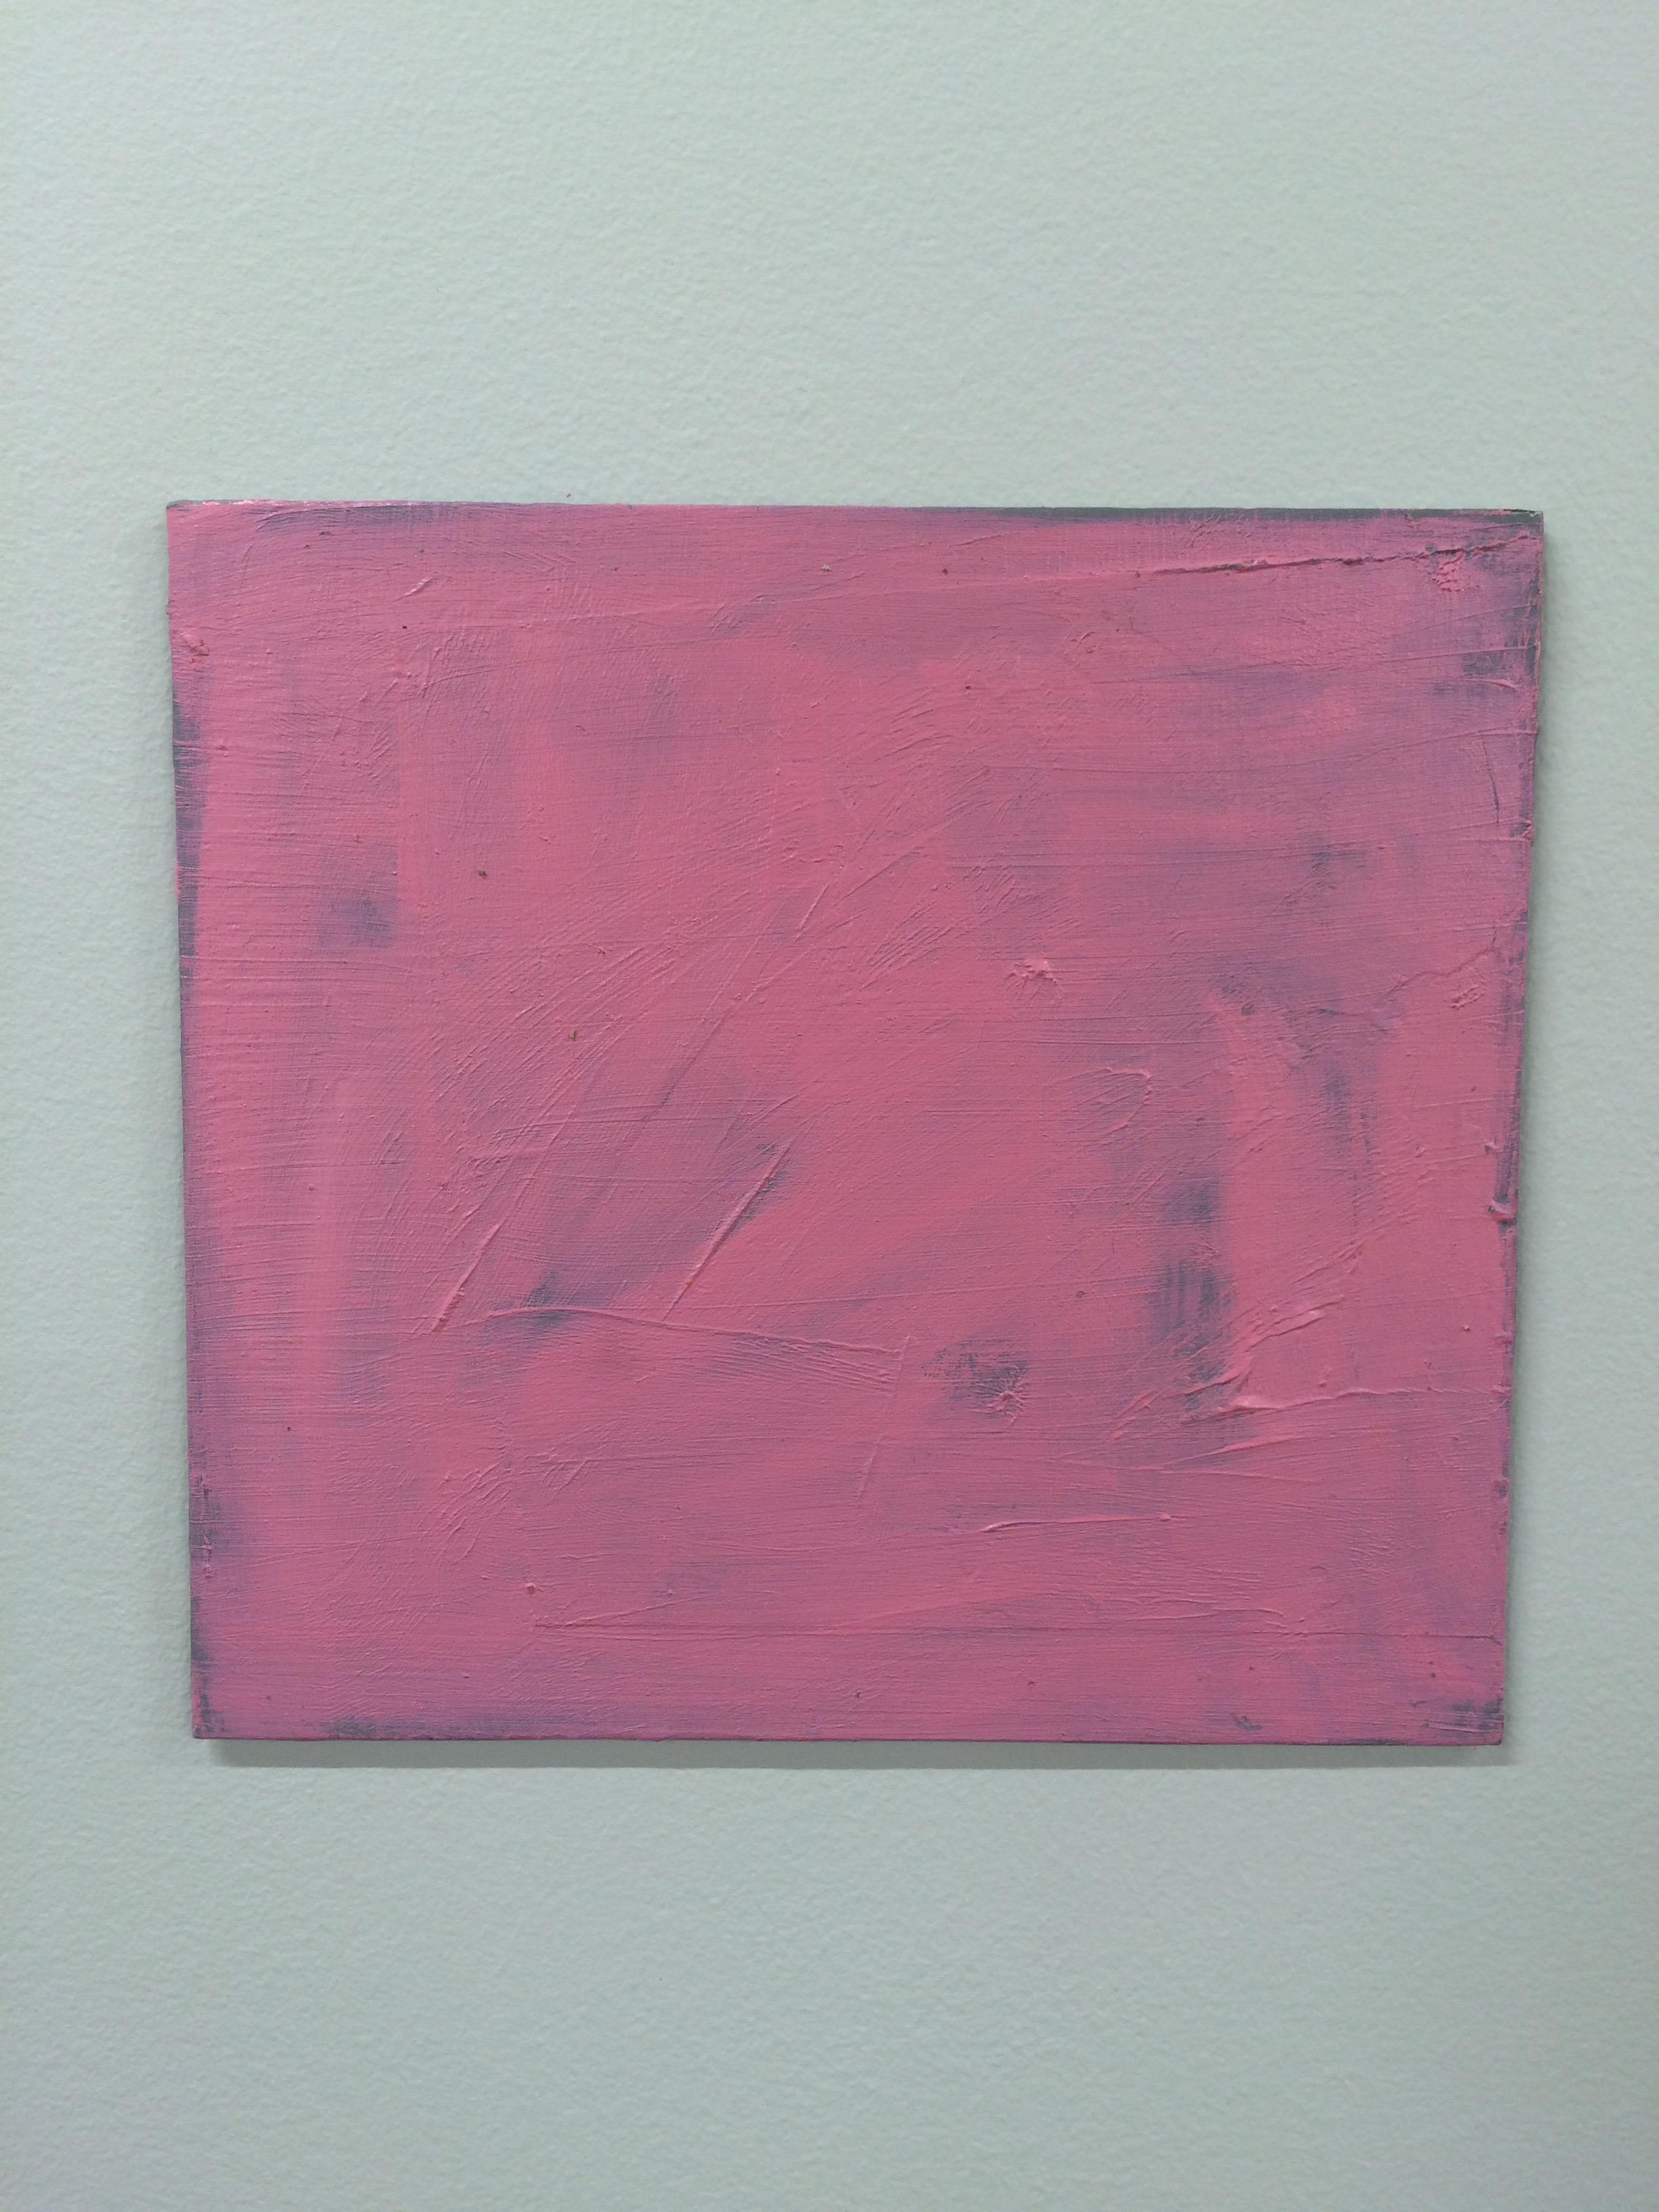 Derek Dunlop,Untitled